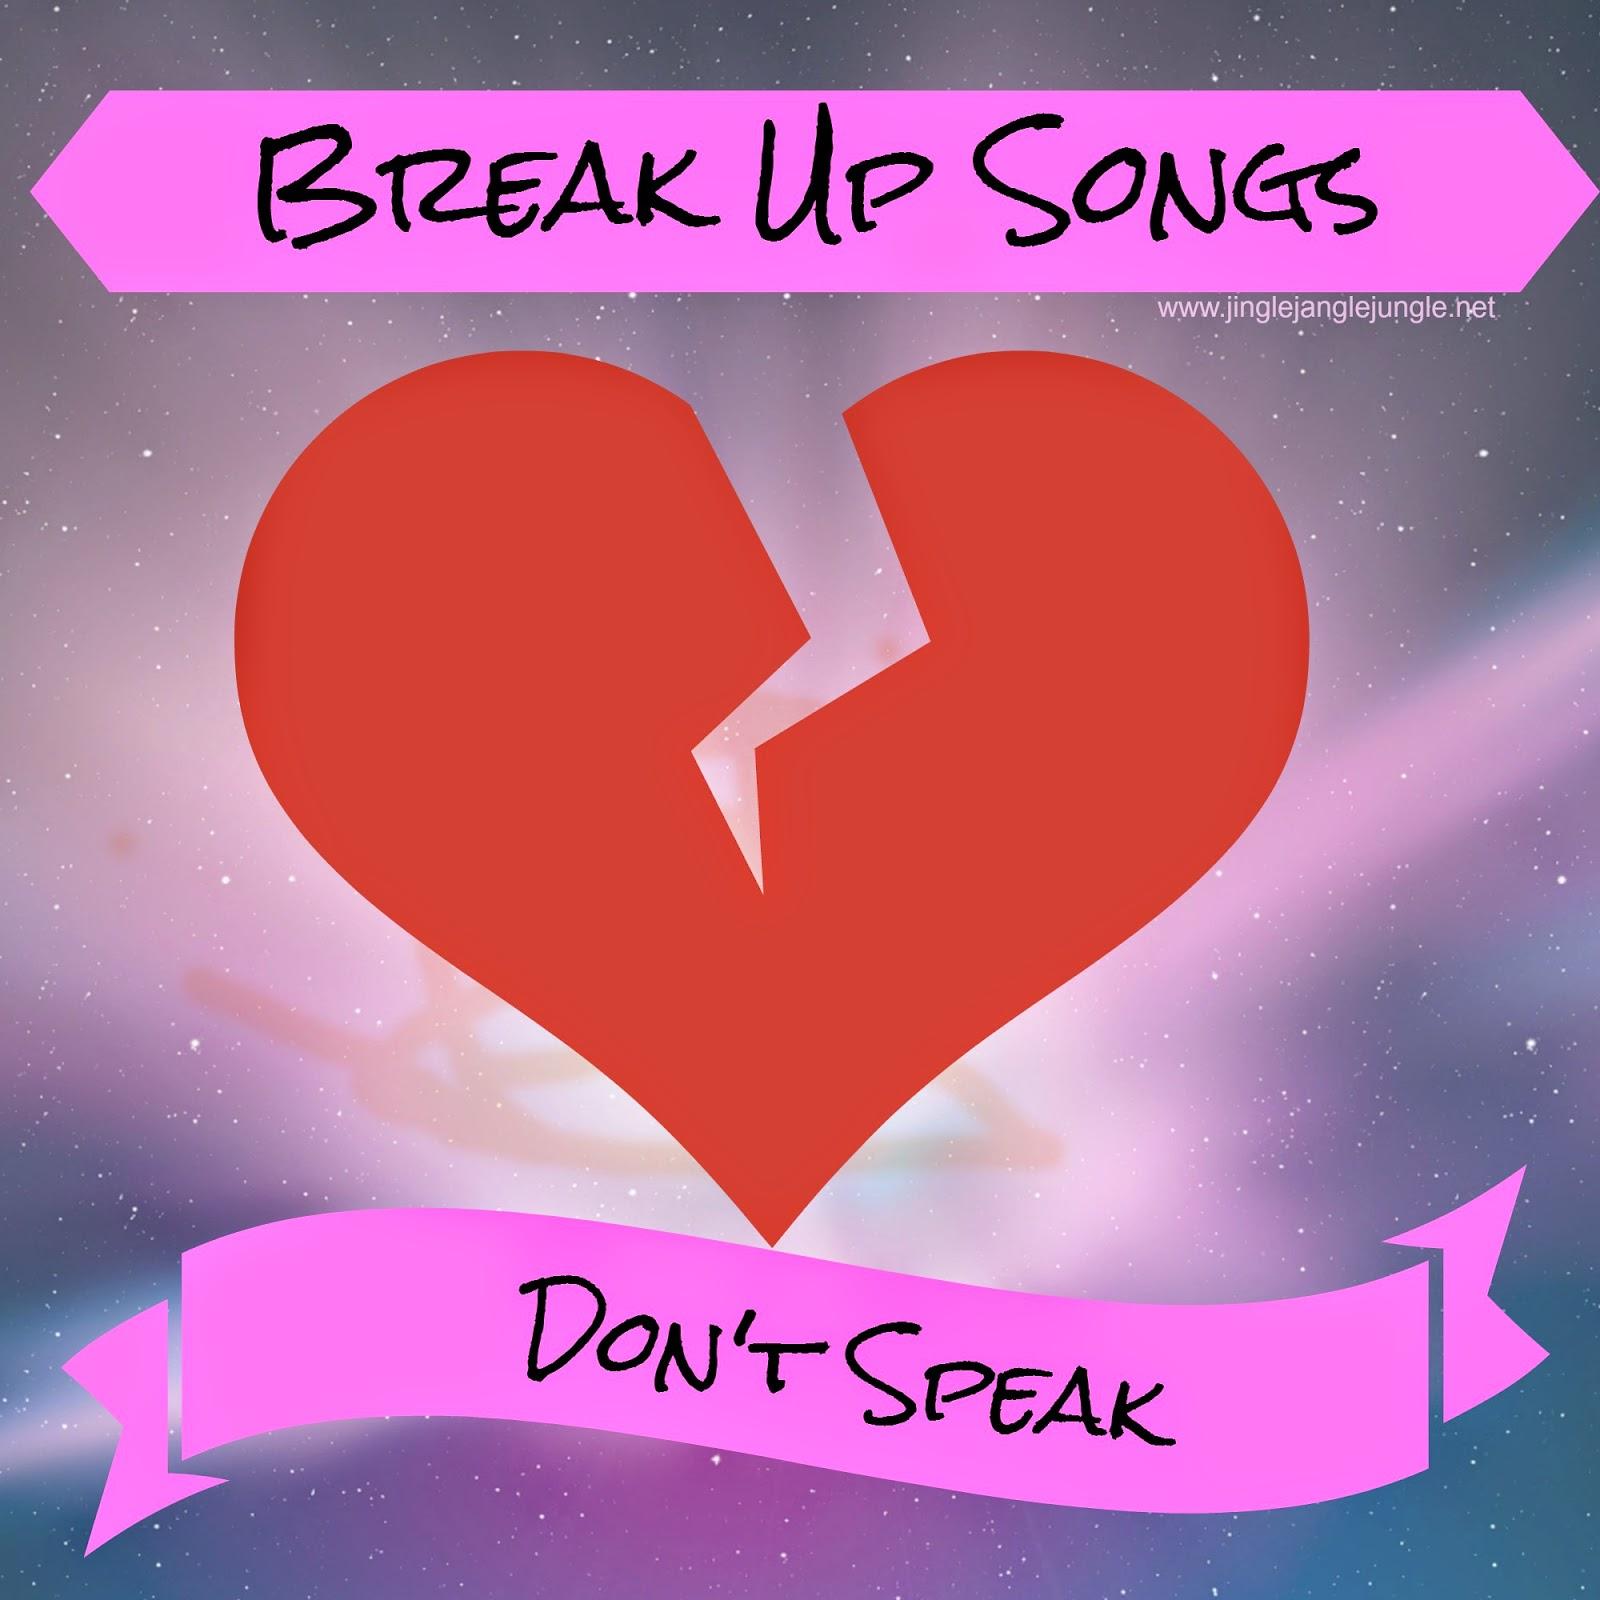 Break Up Songs: Don't Speak http://www.jinglejanglejungle.net/2015/02/dont-speak.html #BreakUpSongs